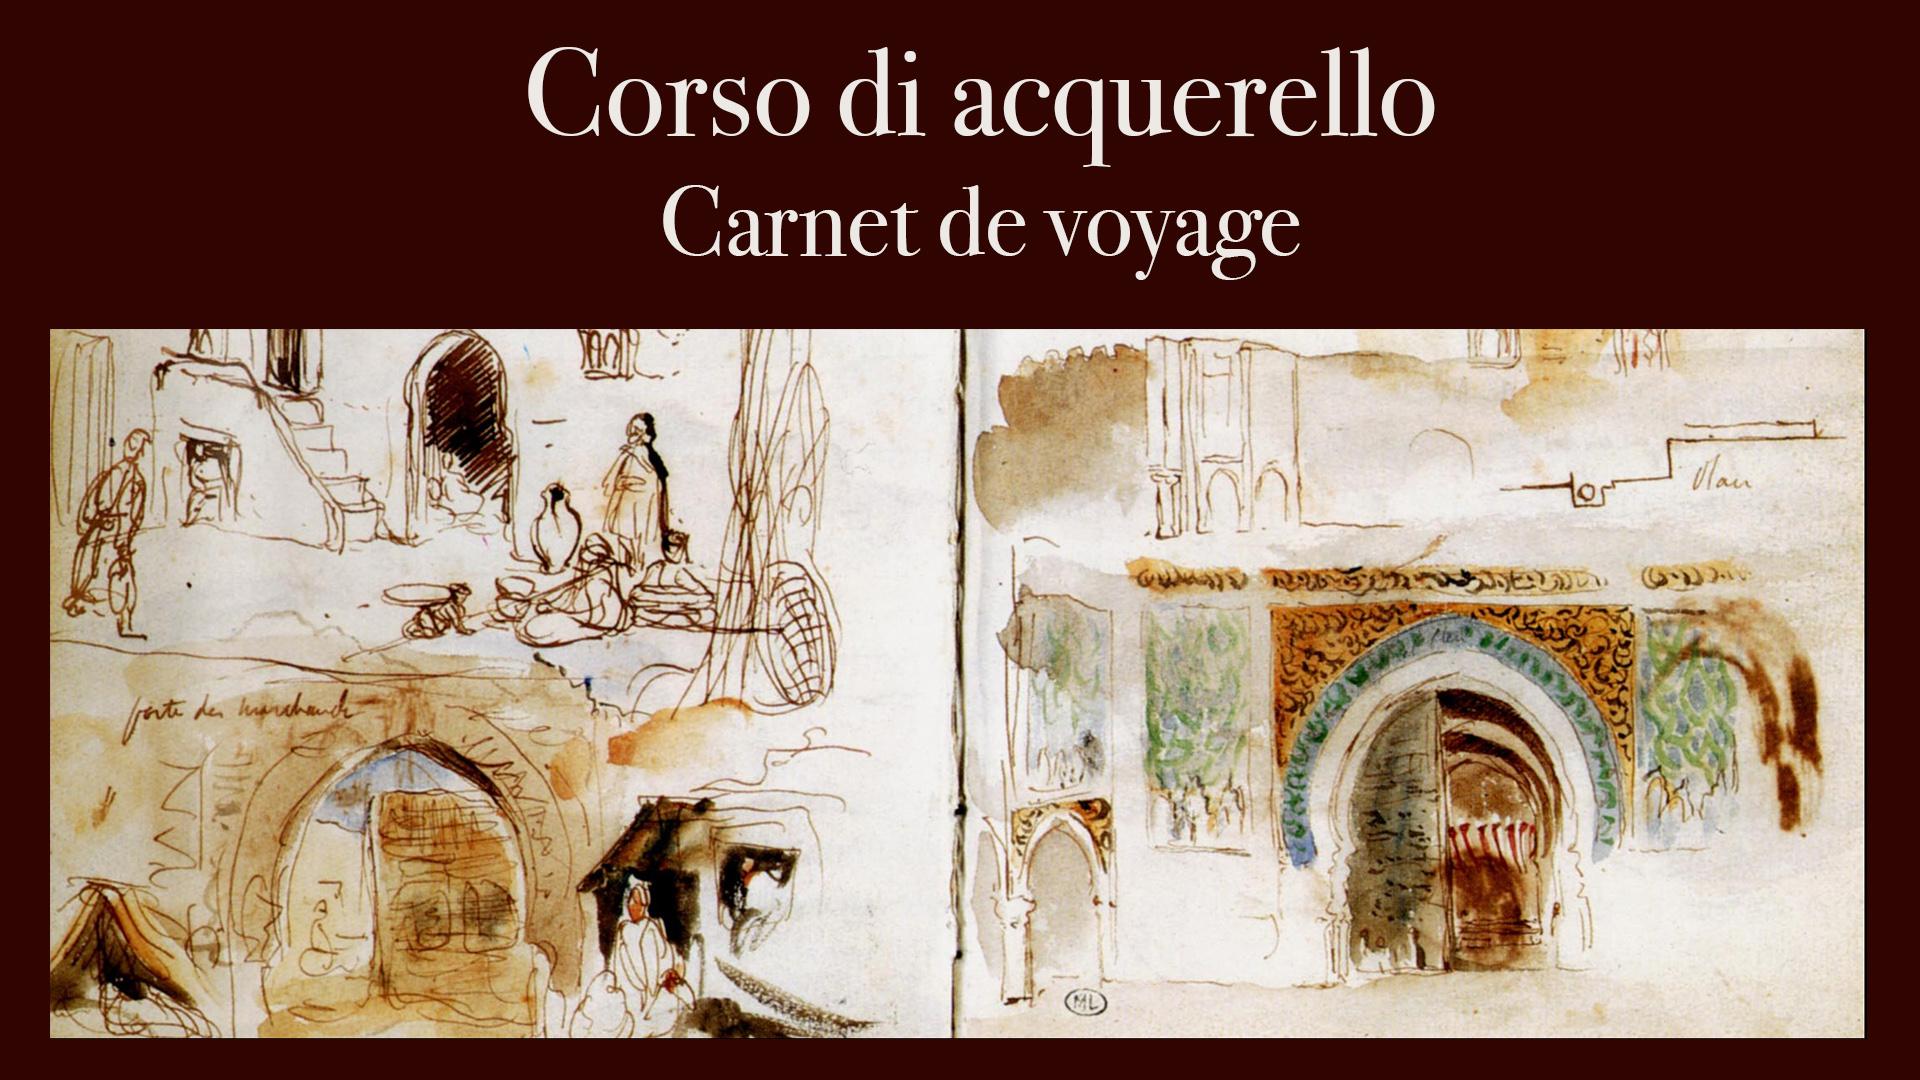 Corso Di Acquerello: Carnet De Voyage